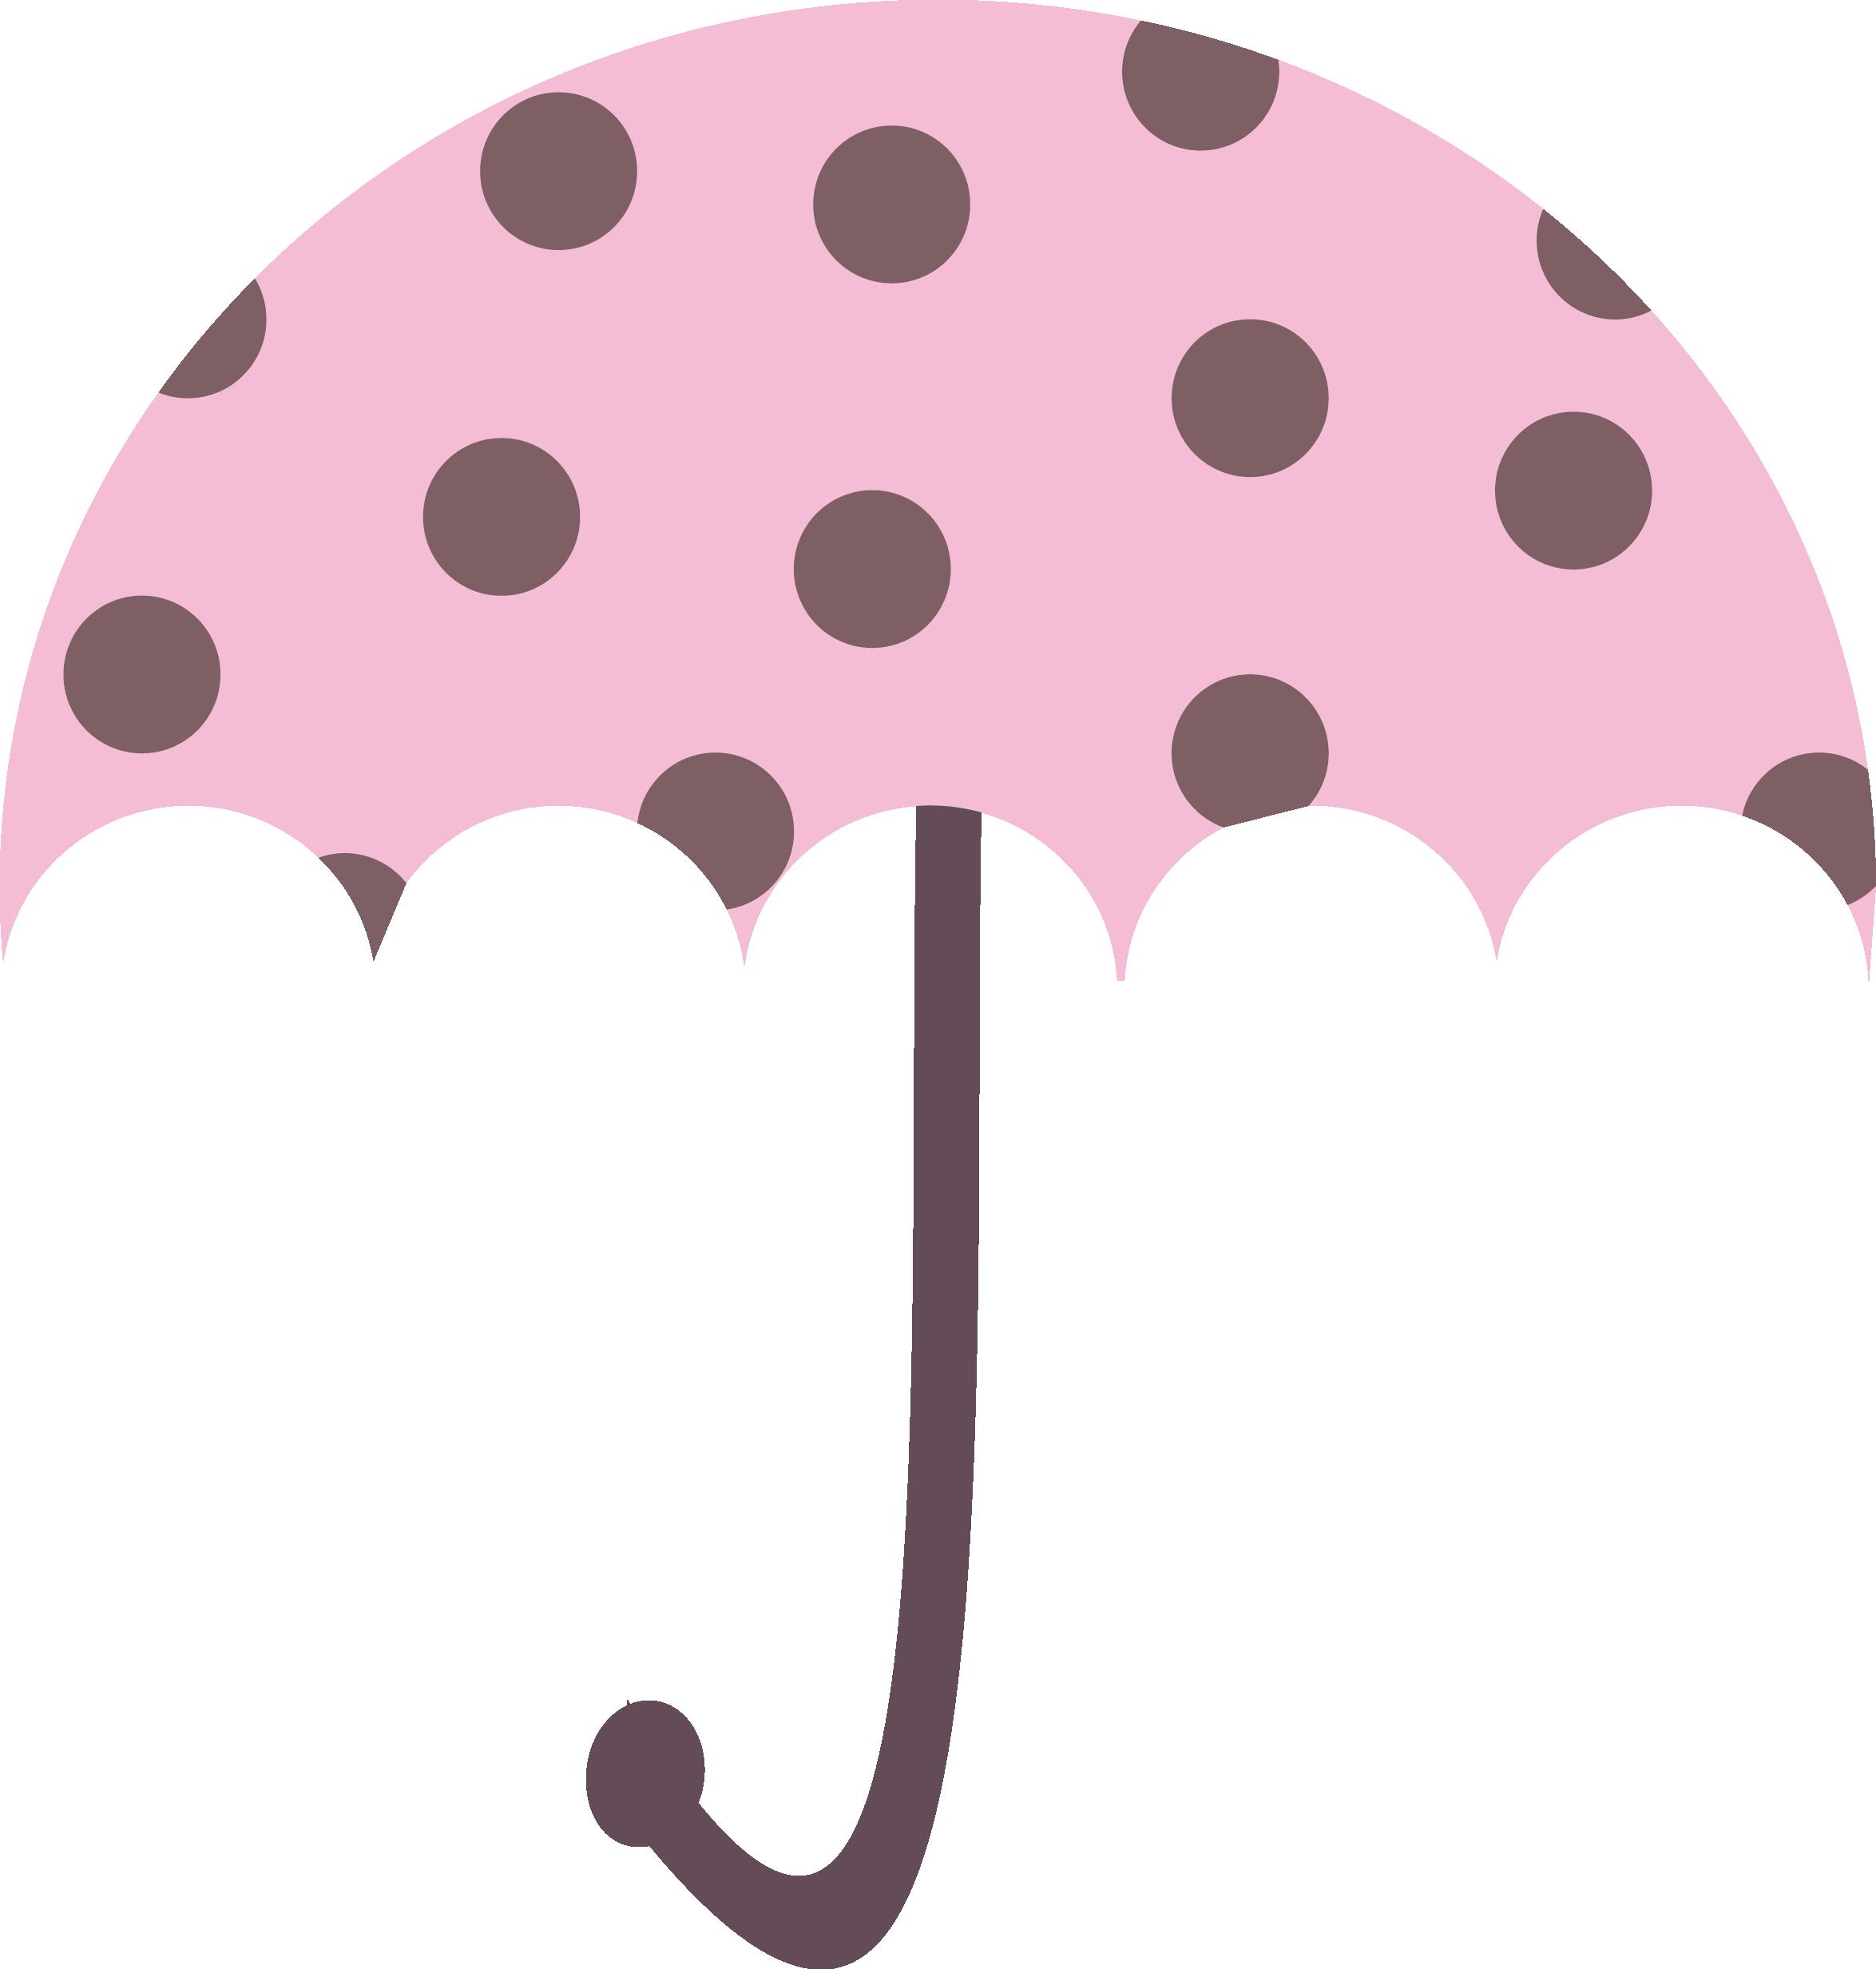 Umbrella clipart pink umbrella Vector Free Clip royalty free